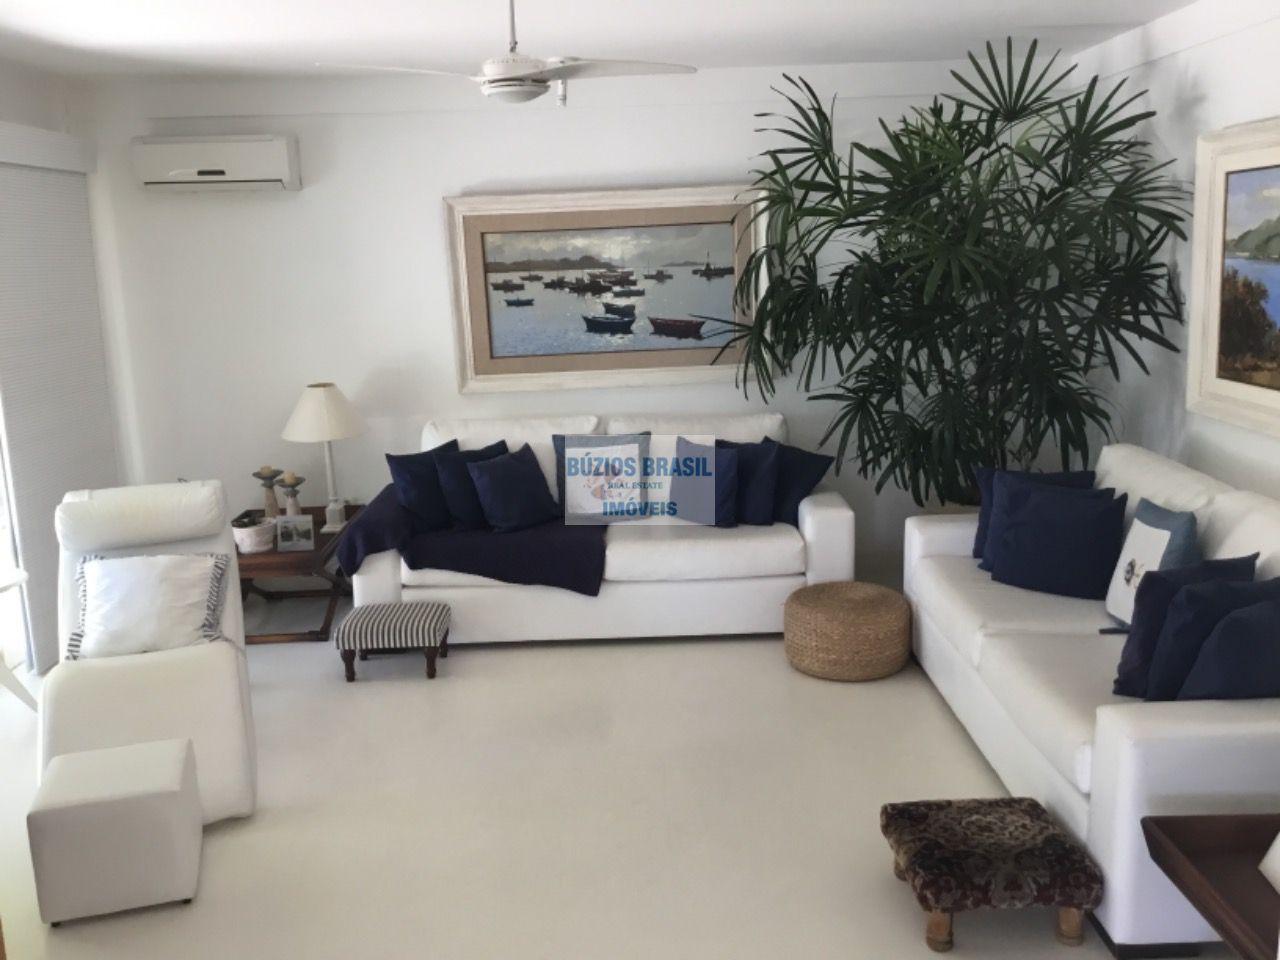 Casa 7 quartos para alugar Ferradura, Ferradura 70m Praia,Armação dos Búzios - LTFR1 - 4